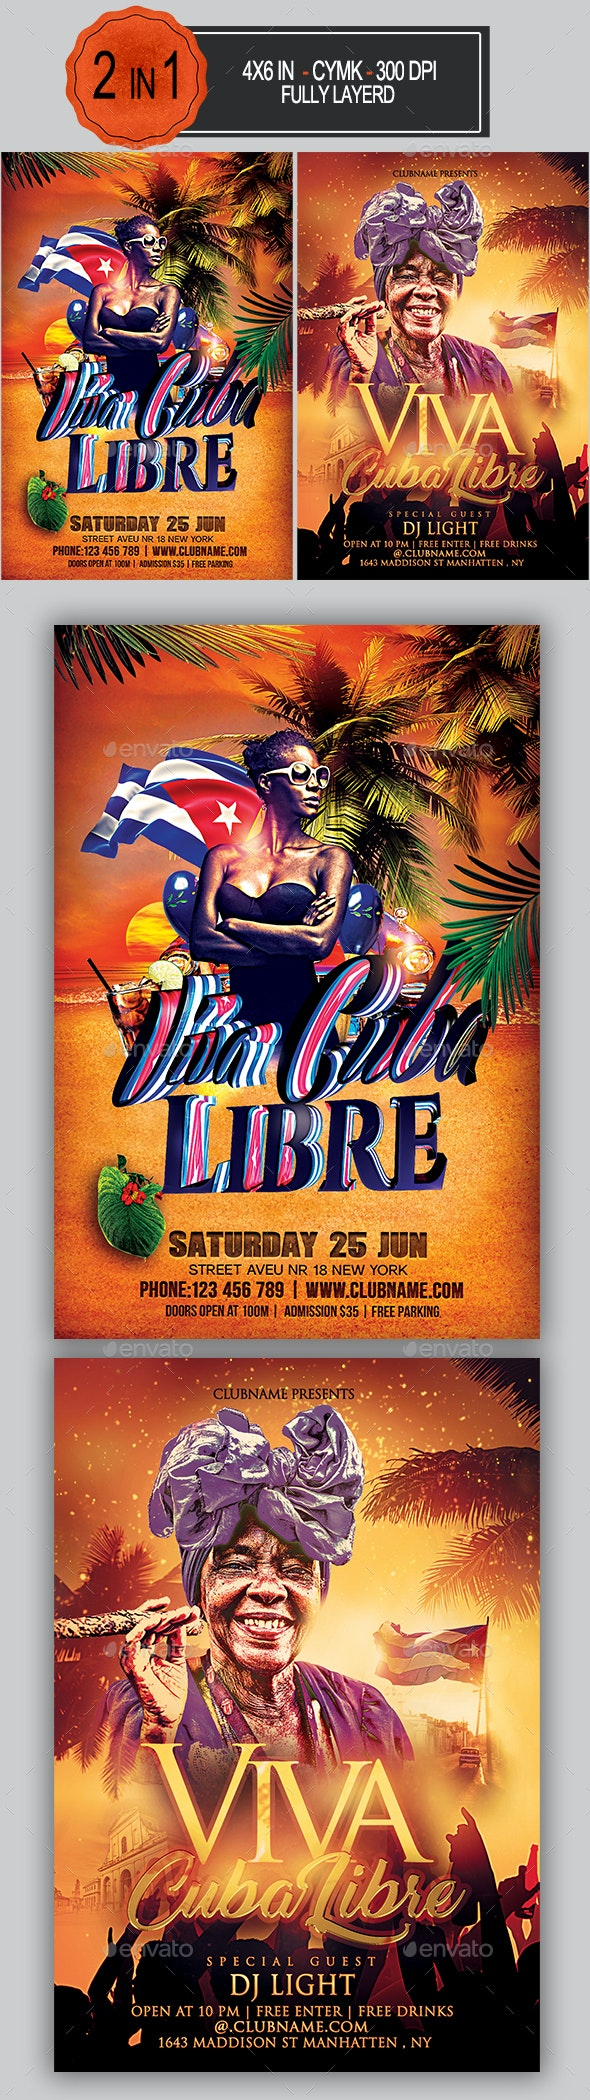 Viva Cuba Libre Flyer Bundle - Clubs & Parties Events